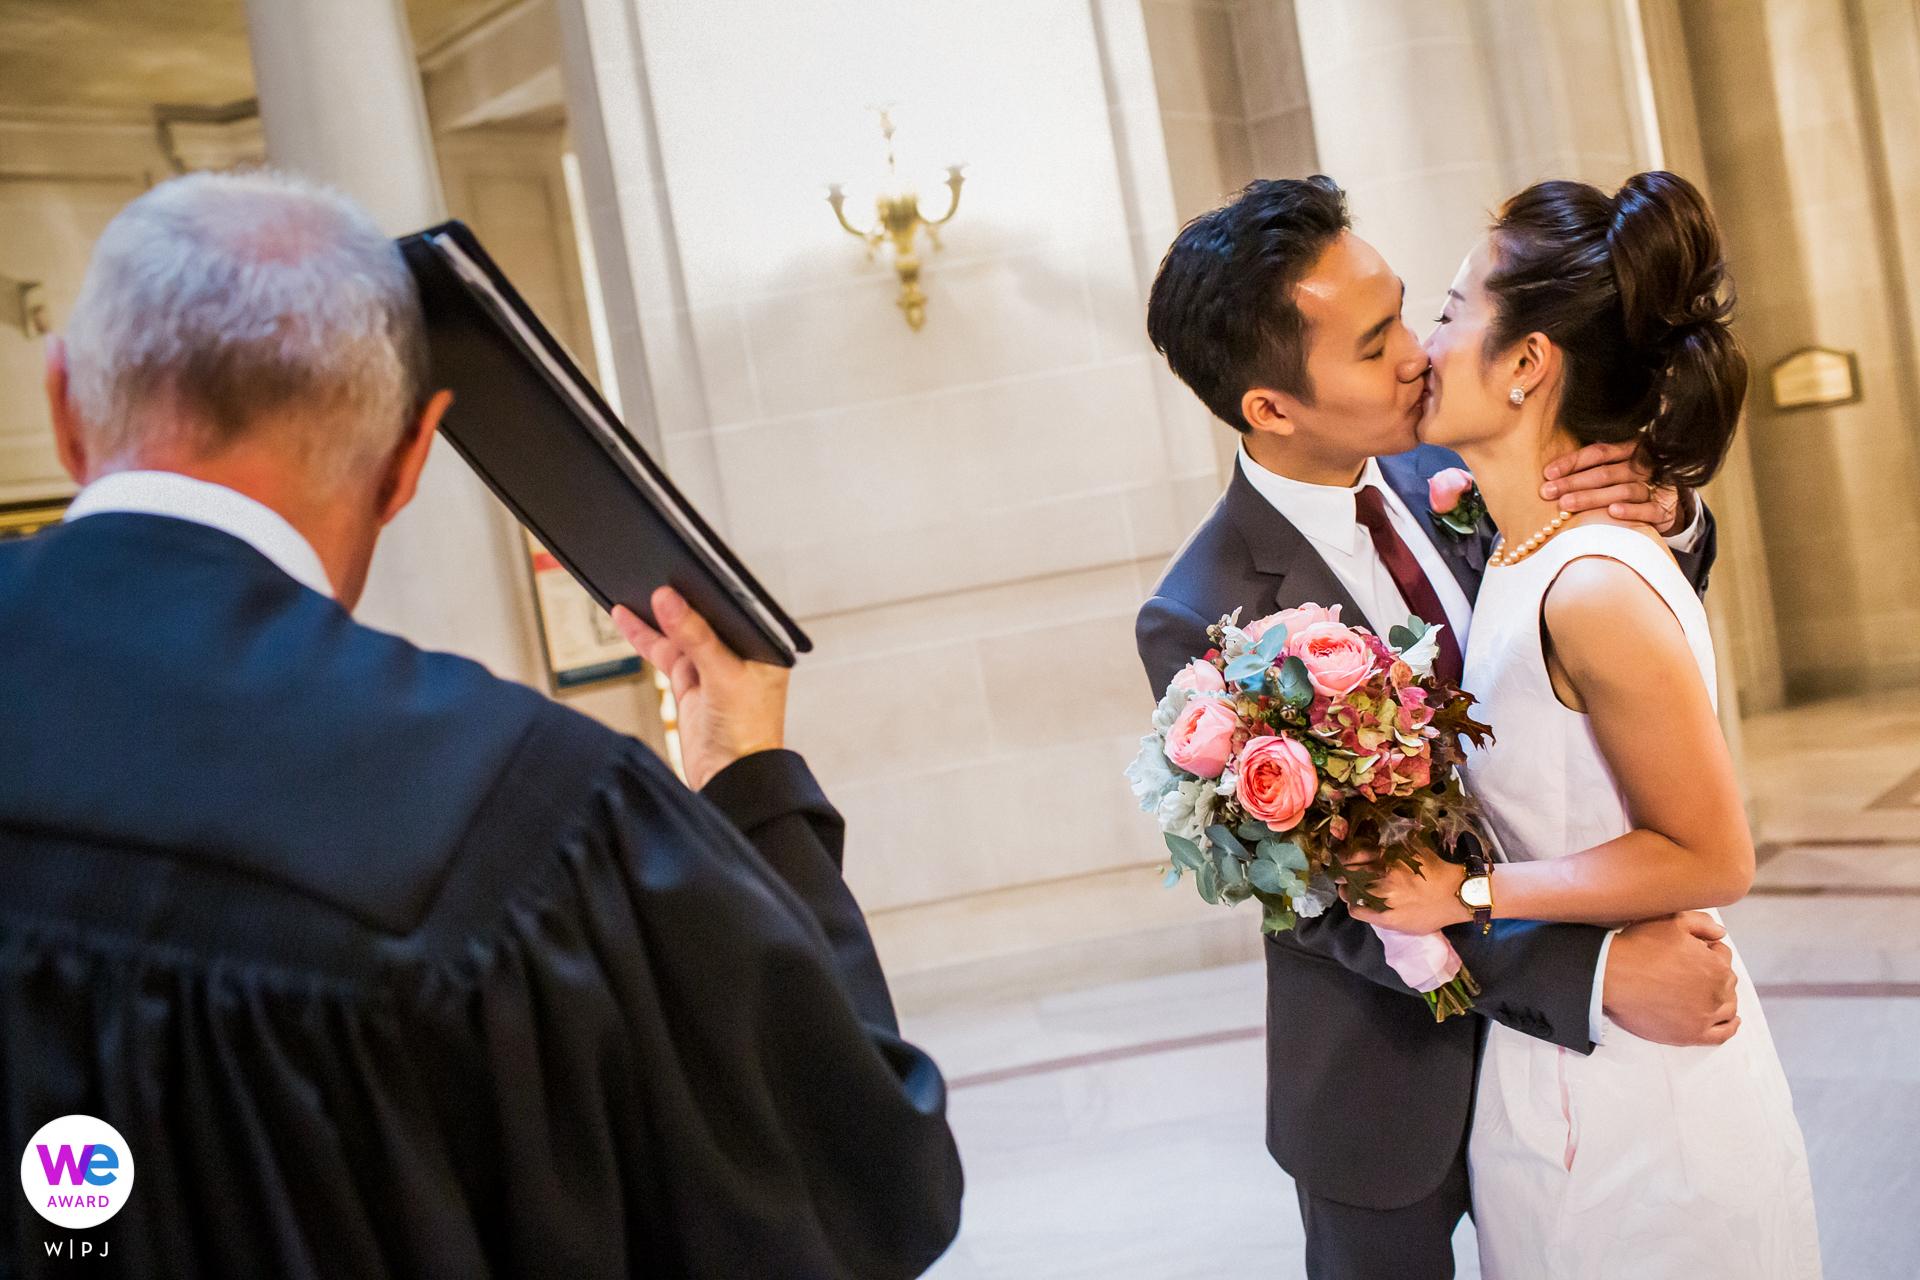 Ayuntamiento de San Francisco, CA Elopement Foto del beso   un oficiante muy humorístico y ayudó a aligerar mucho la atmósfera